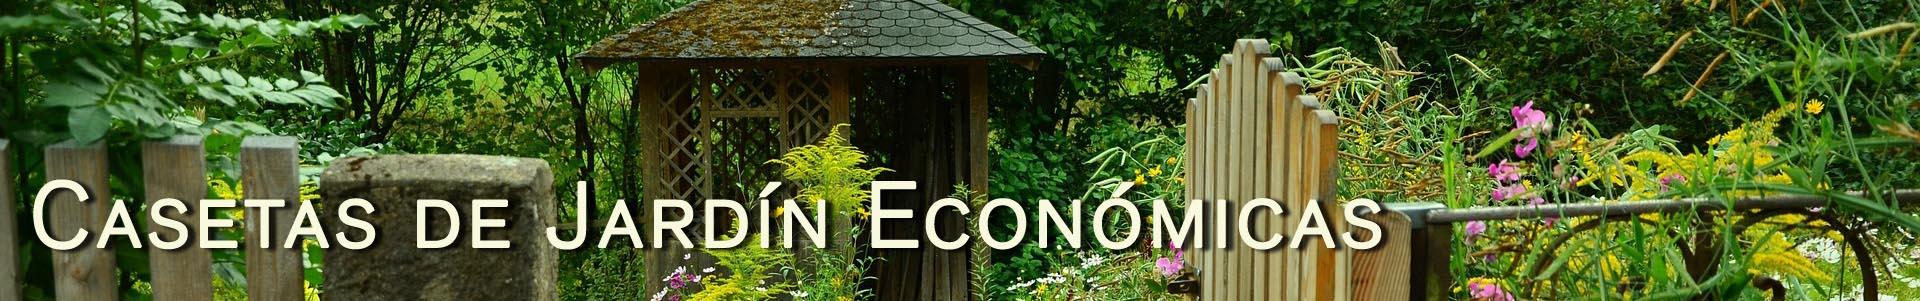 casa madera economicas